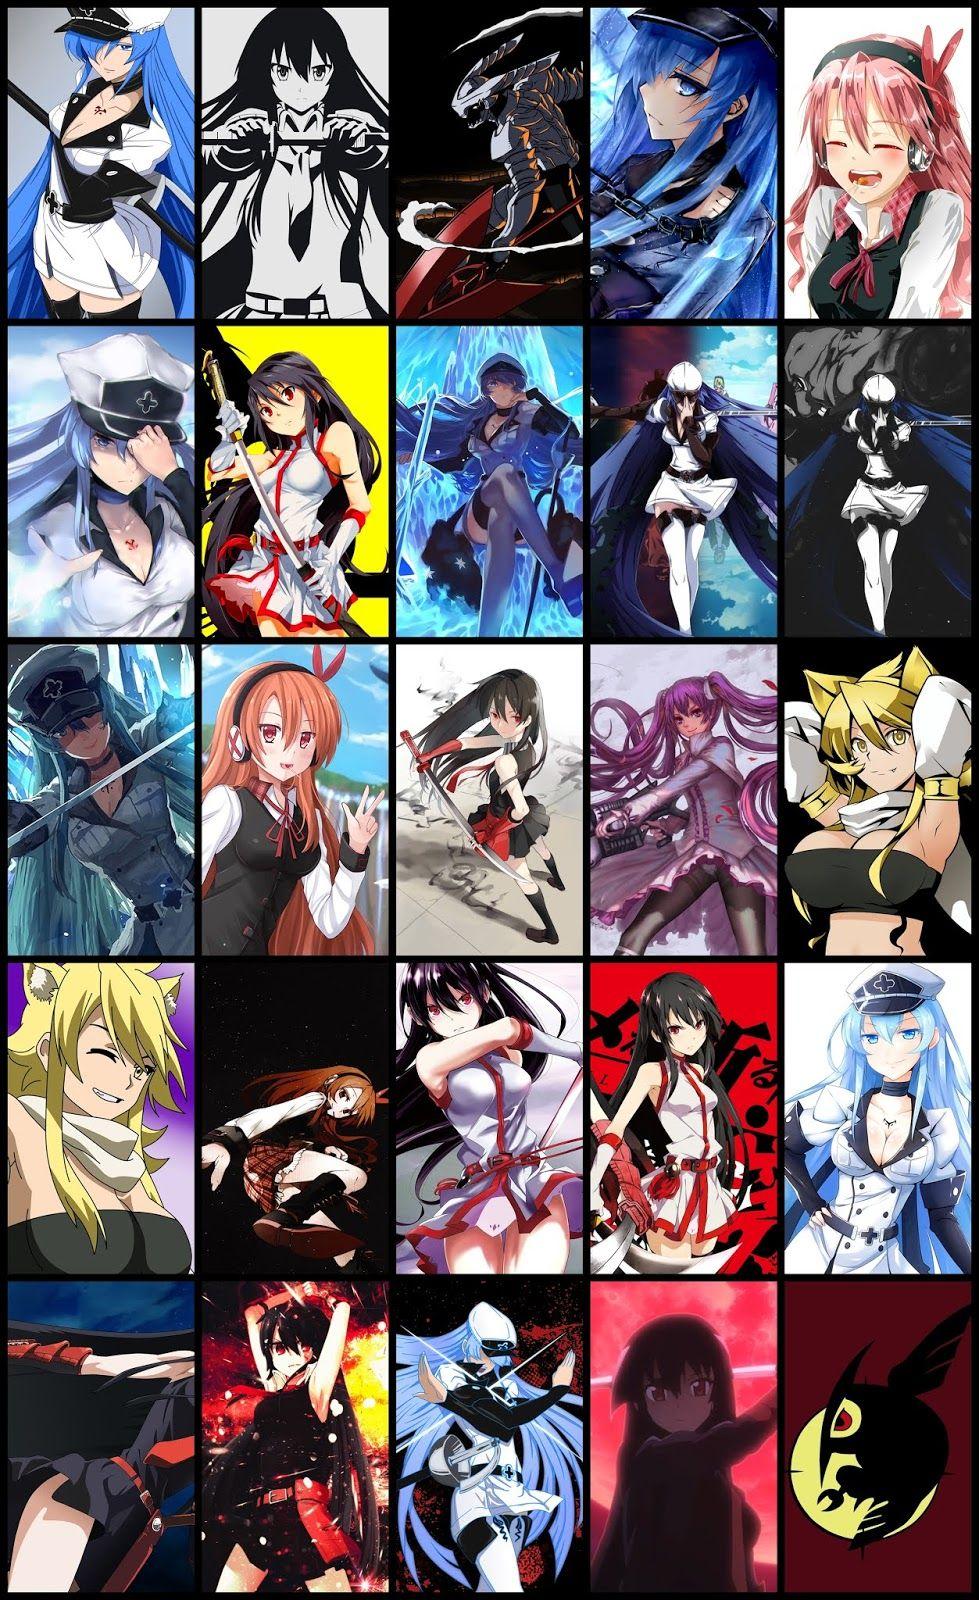 Akame Ga Kill Wallpaper Pack For Mobile Phone (Part 02